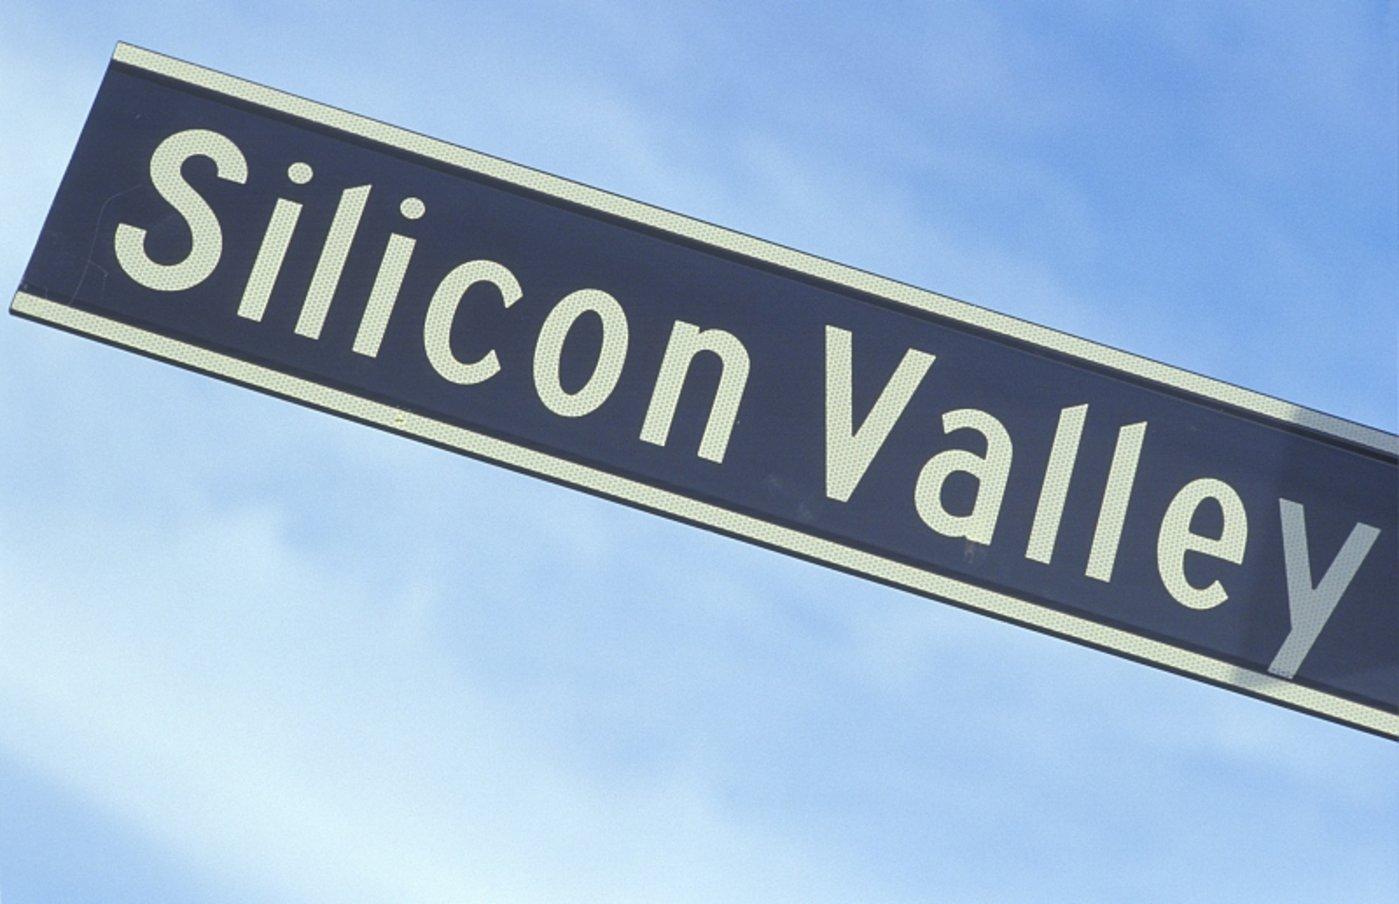 硅谷的隐秘创业文化:骗子和英雄往往只是一念之差